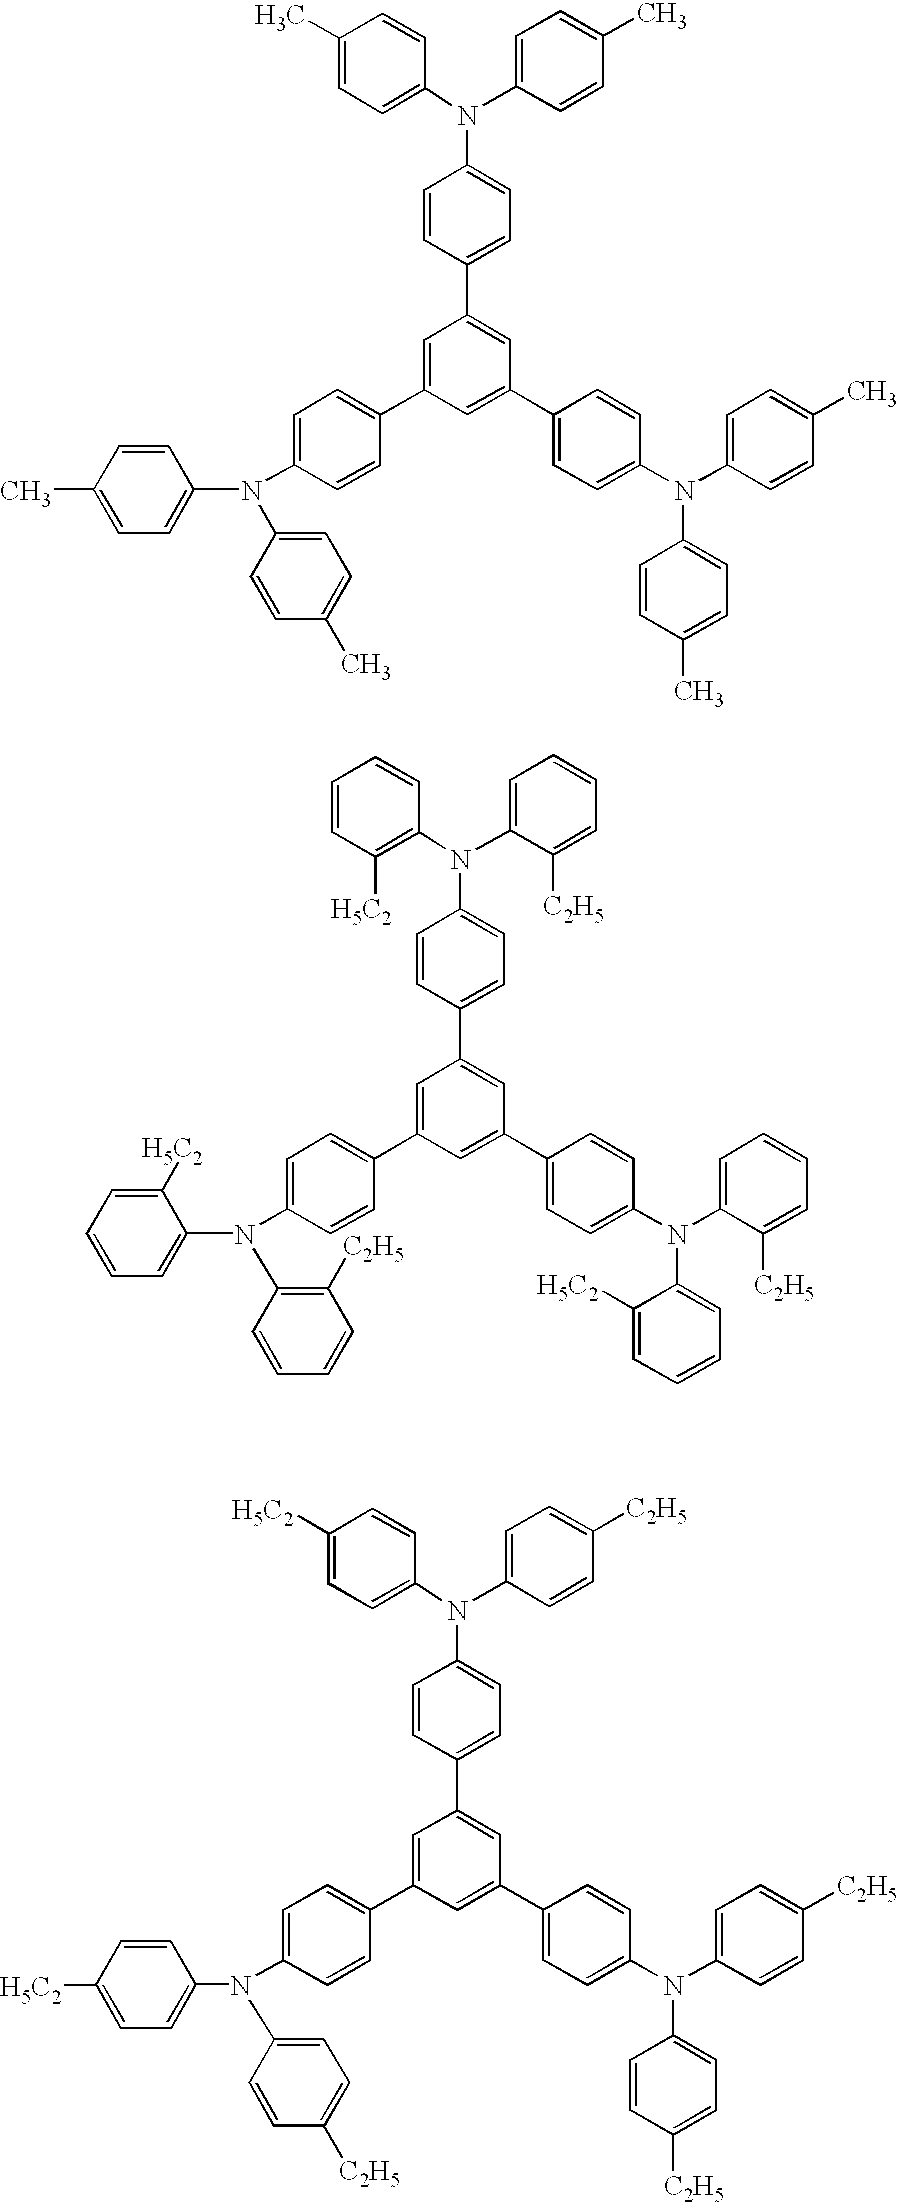 Figure US06541128-20030401-C00034